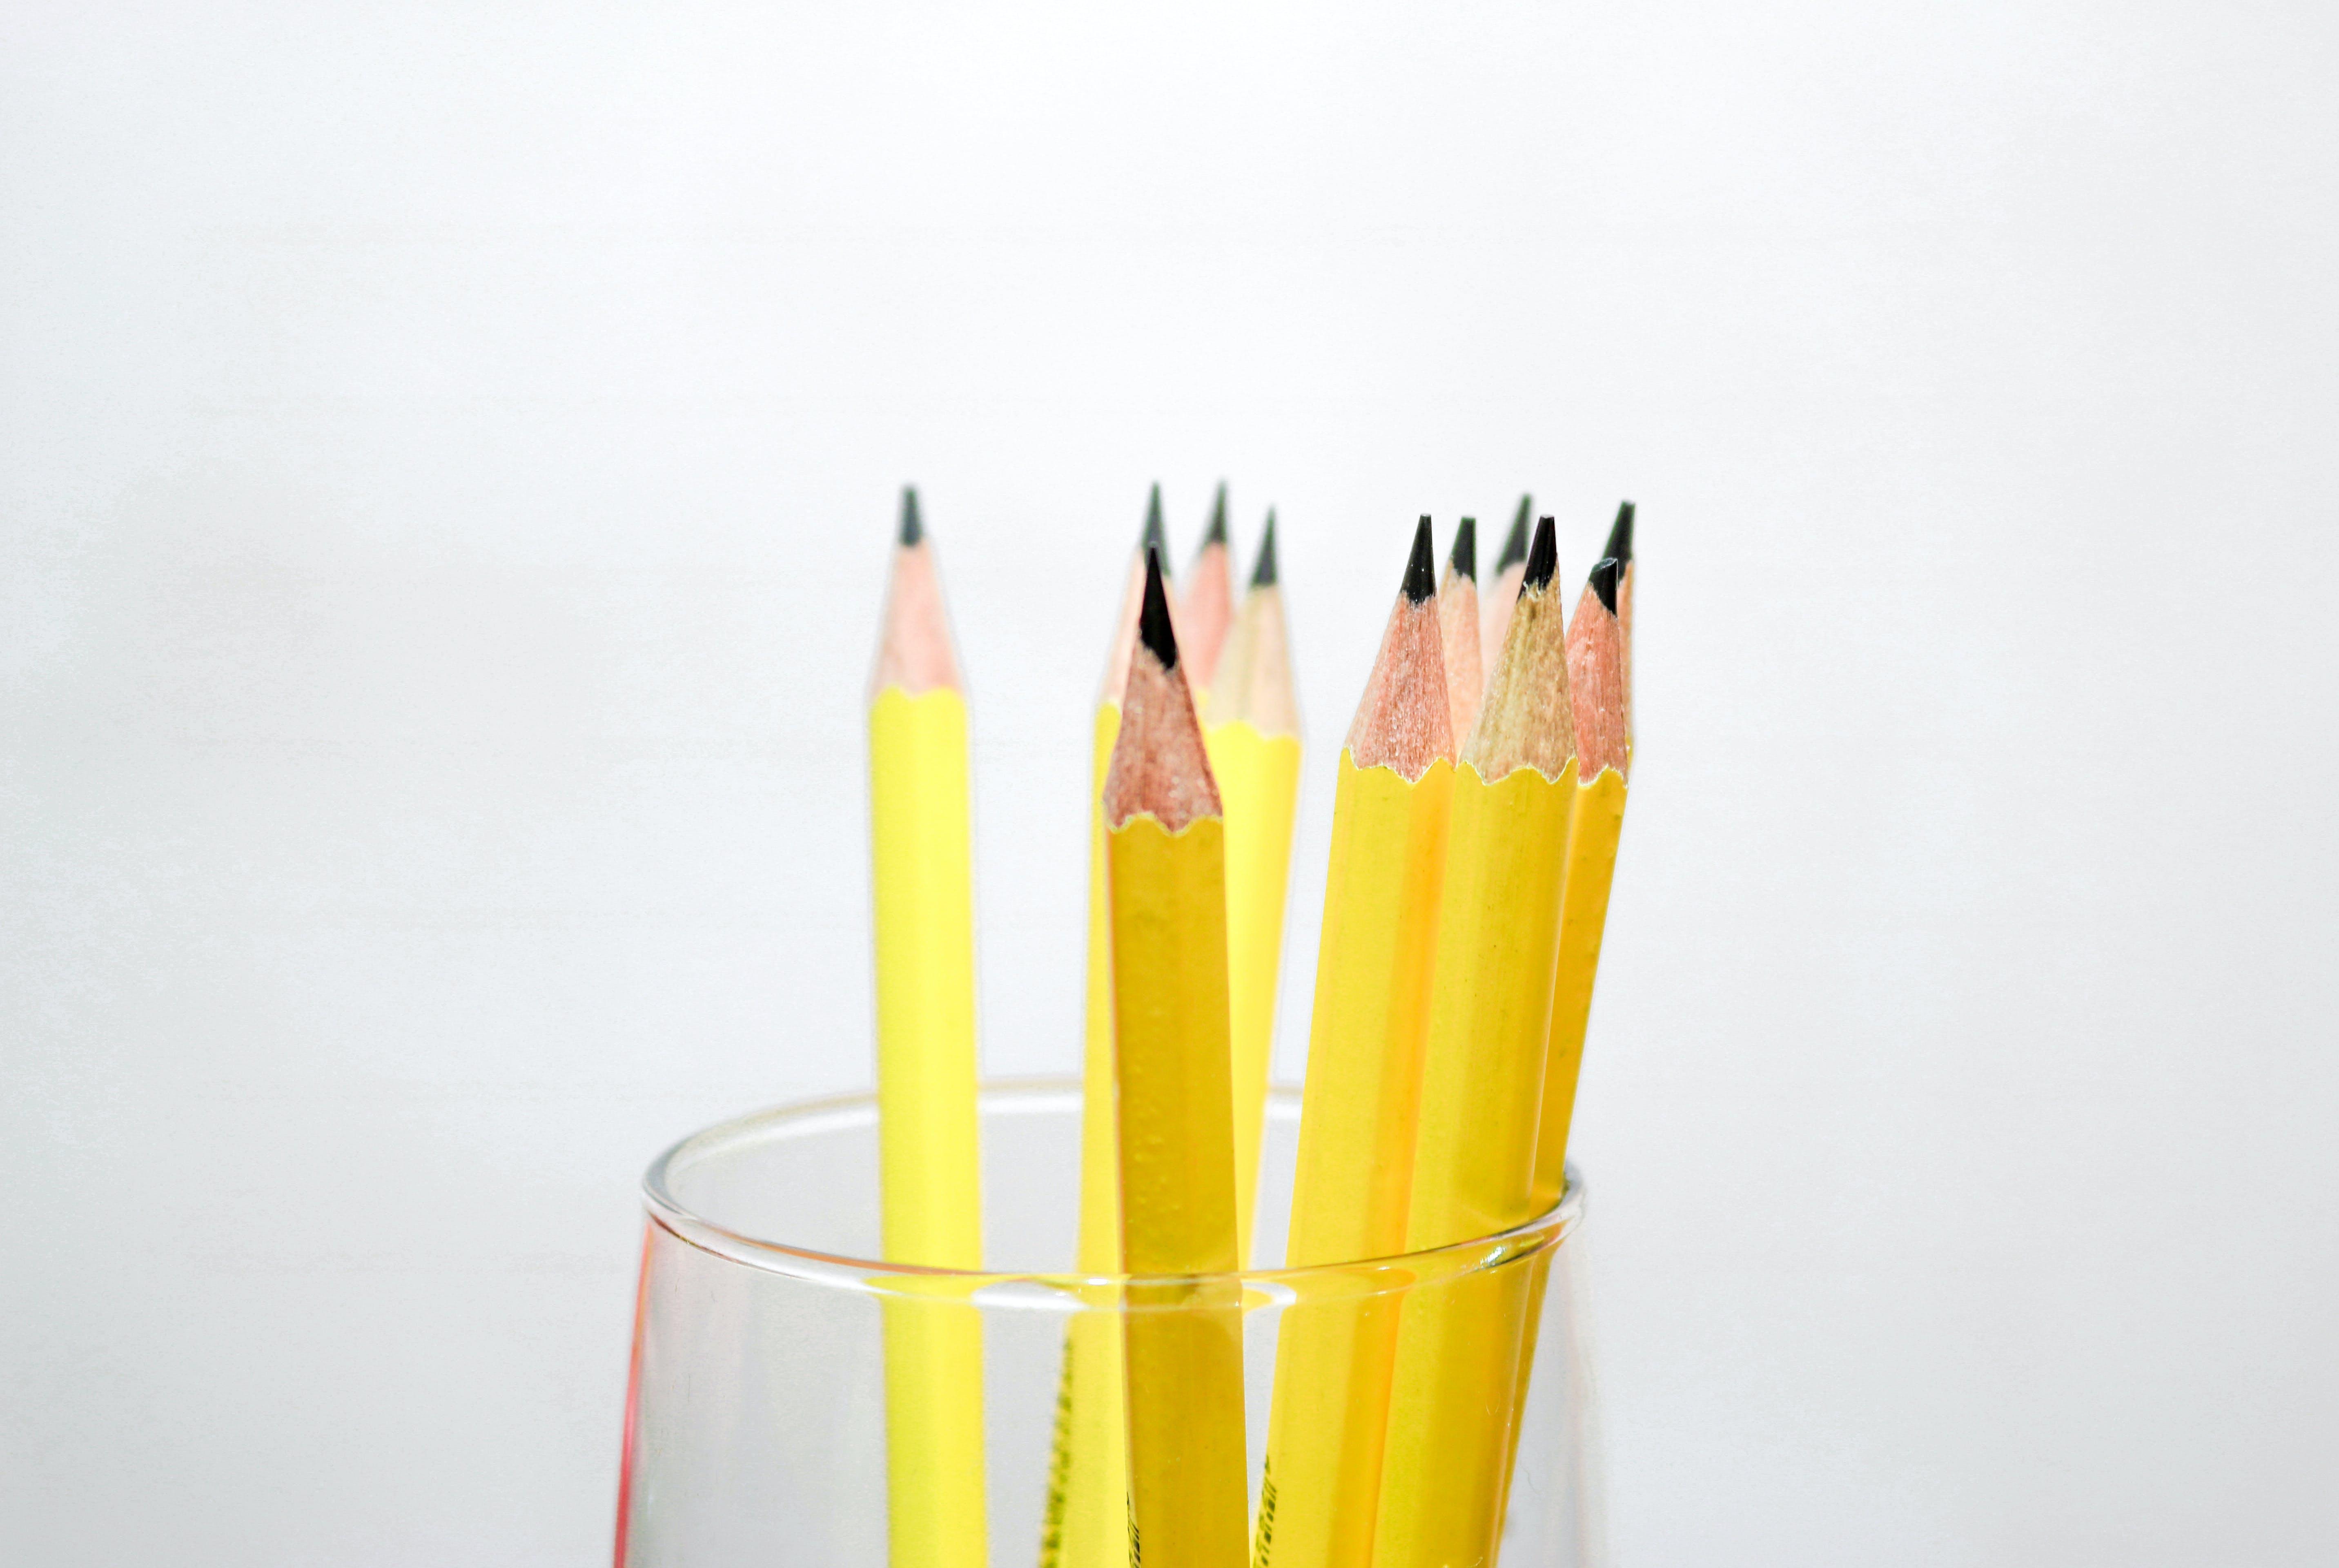 Beyaz arka plan, kurşun kalemler, sarı, tahta kalemler içeren Ücretsiz stok fotoğraf